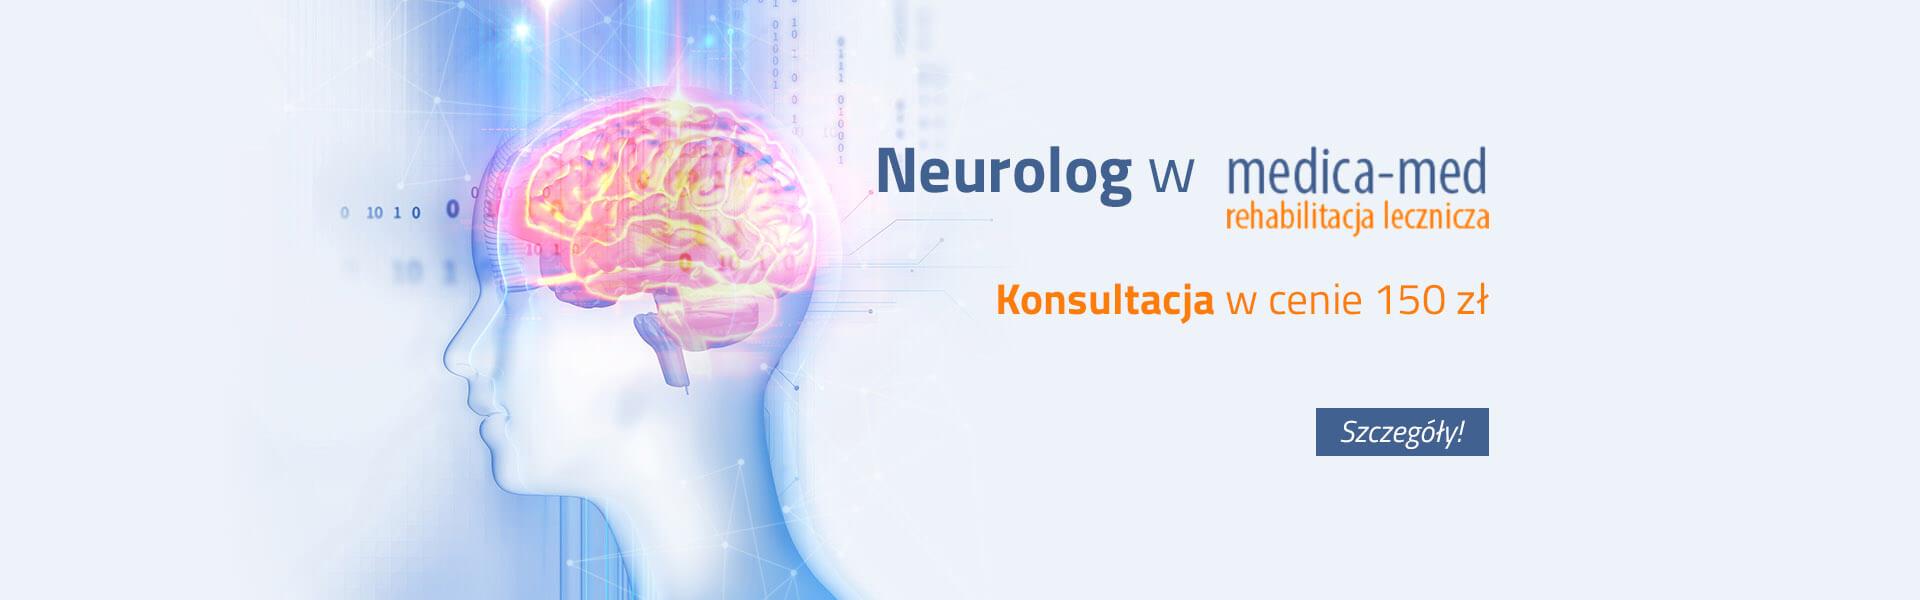 Medicamed Neurolog w medica-med! slider